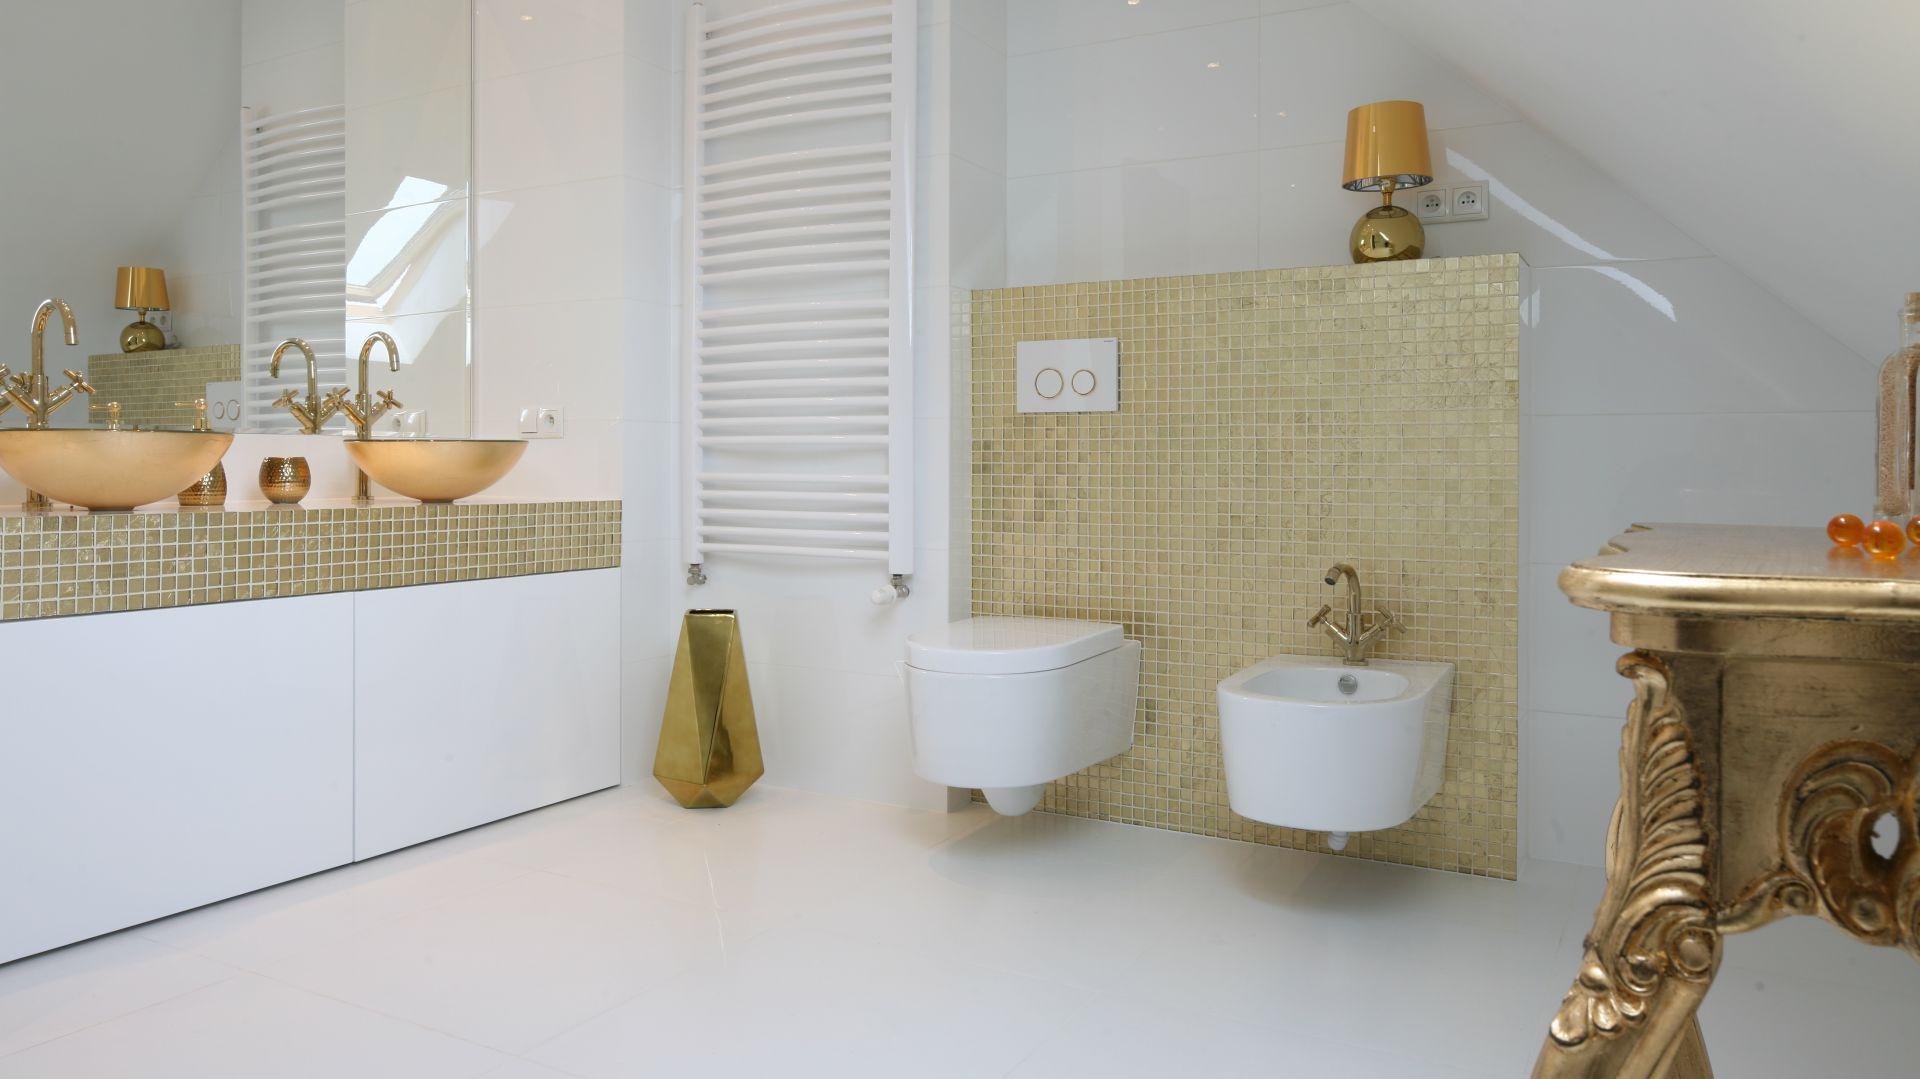 Biel jest fantastycznym tłem dla złotych dodatków. Dzięki nim łazienka będzie z pewnością jasna, stylowa i nowoczesna. Projekt: Piotr Stanisz. Fot. Bartosz Jarosz